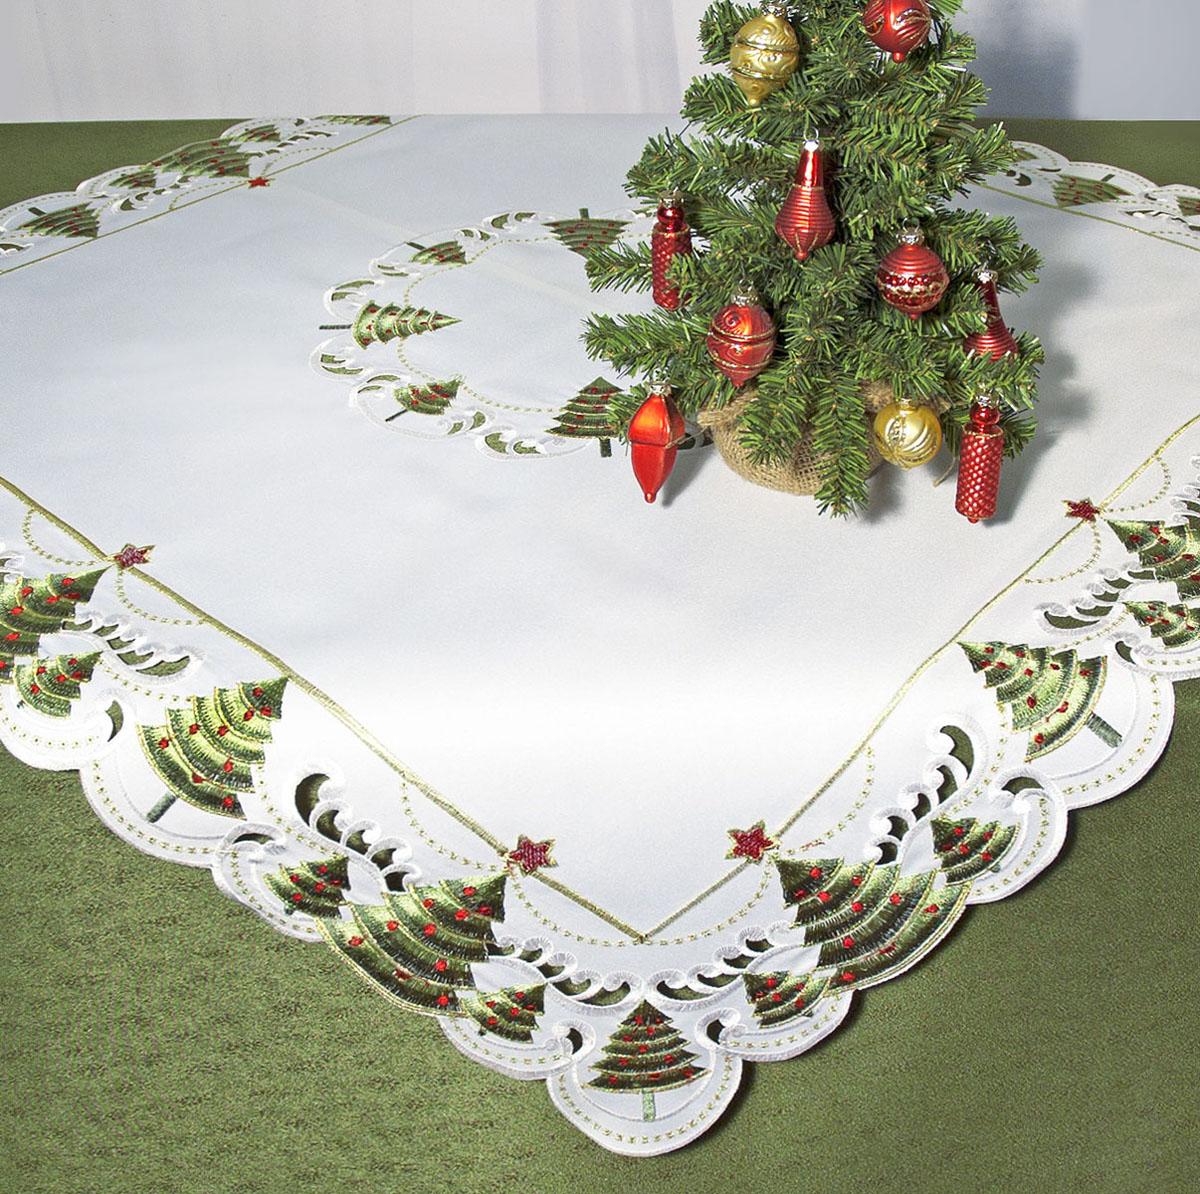 Скатерть Schaefer, квадратная, цвет: белый, зеленый, 85 x 85 см. 07494-10007494-100Скатерть Schaefer изготовлена из полиэстера и украшена новогодней вышивкой. Края изделия оформлены в технике ришелье. Изделия из полиэстера легко стирать: они не мнутся, не садятся и быстро сохнут, они более долговечны, чем изделия из натуральных волокон. Кроме того, ткань обладает водоотталкивающими свойствами. Такая скатерть будет просто не заменима на кухне, а особенно на вашем обеденном столе на даче под открытым небом. Скатерть Schaefer не останется без внимания ваших гостей, а вас будет ежедневно радовать ярким дизайном и несравненным качеством. Немецкая компания Schaefer создана в 1921 году. На протяжении всего времени существования она создает уникальные коллекции домашнего текстиля для гостиных, спален, кухонь и ванных комнат. Дизайнерские идеи немецких художников компании Schaefer воплощаются в текстильных изделиях, которые сделают ваш дом красивее и уютнее и не останутся незамеченными вашими гостями. Дарите себе и...